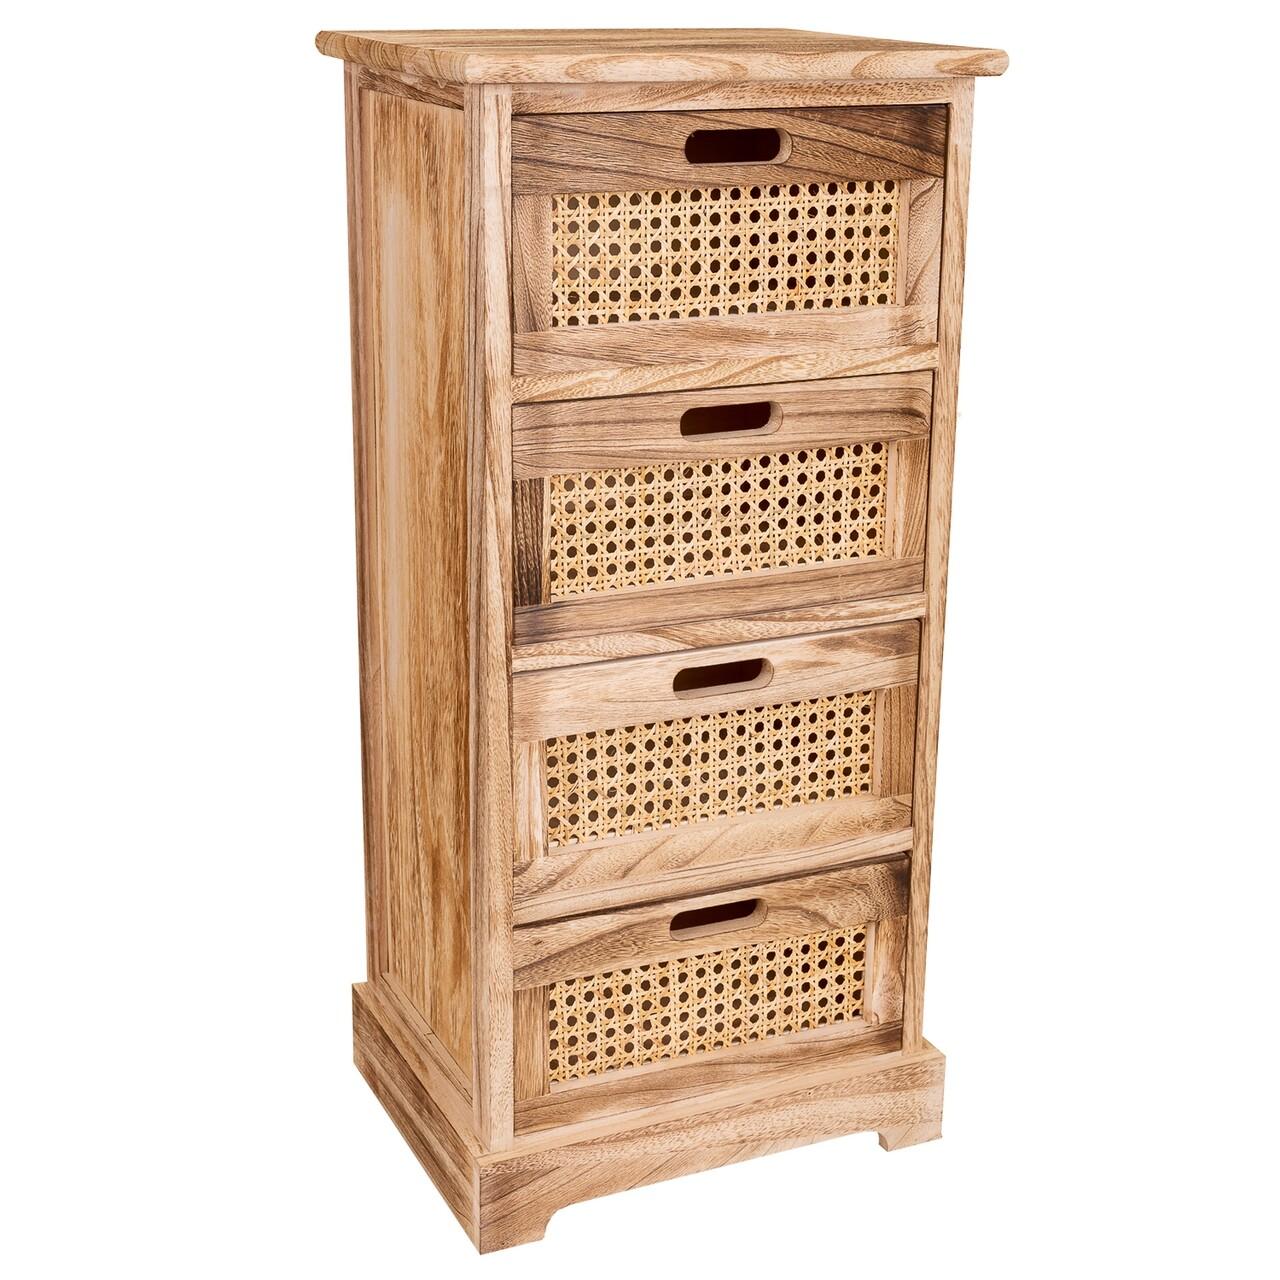 Comoda Mason Baked, Creaciones Meng, 35x29x91 cm, lemn de paulownia